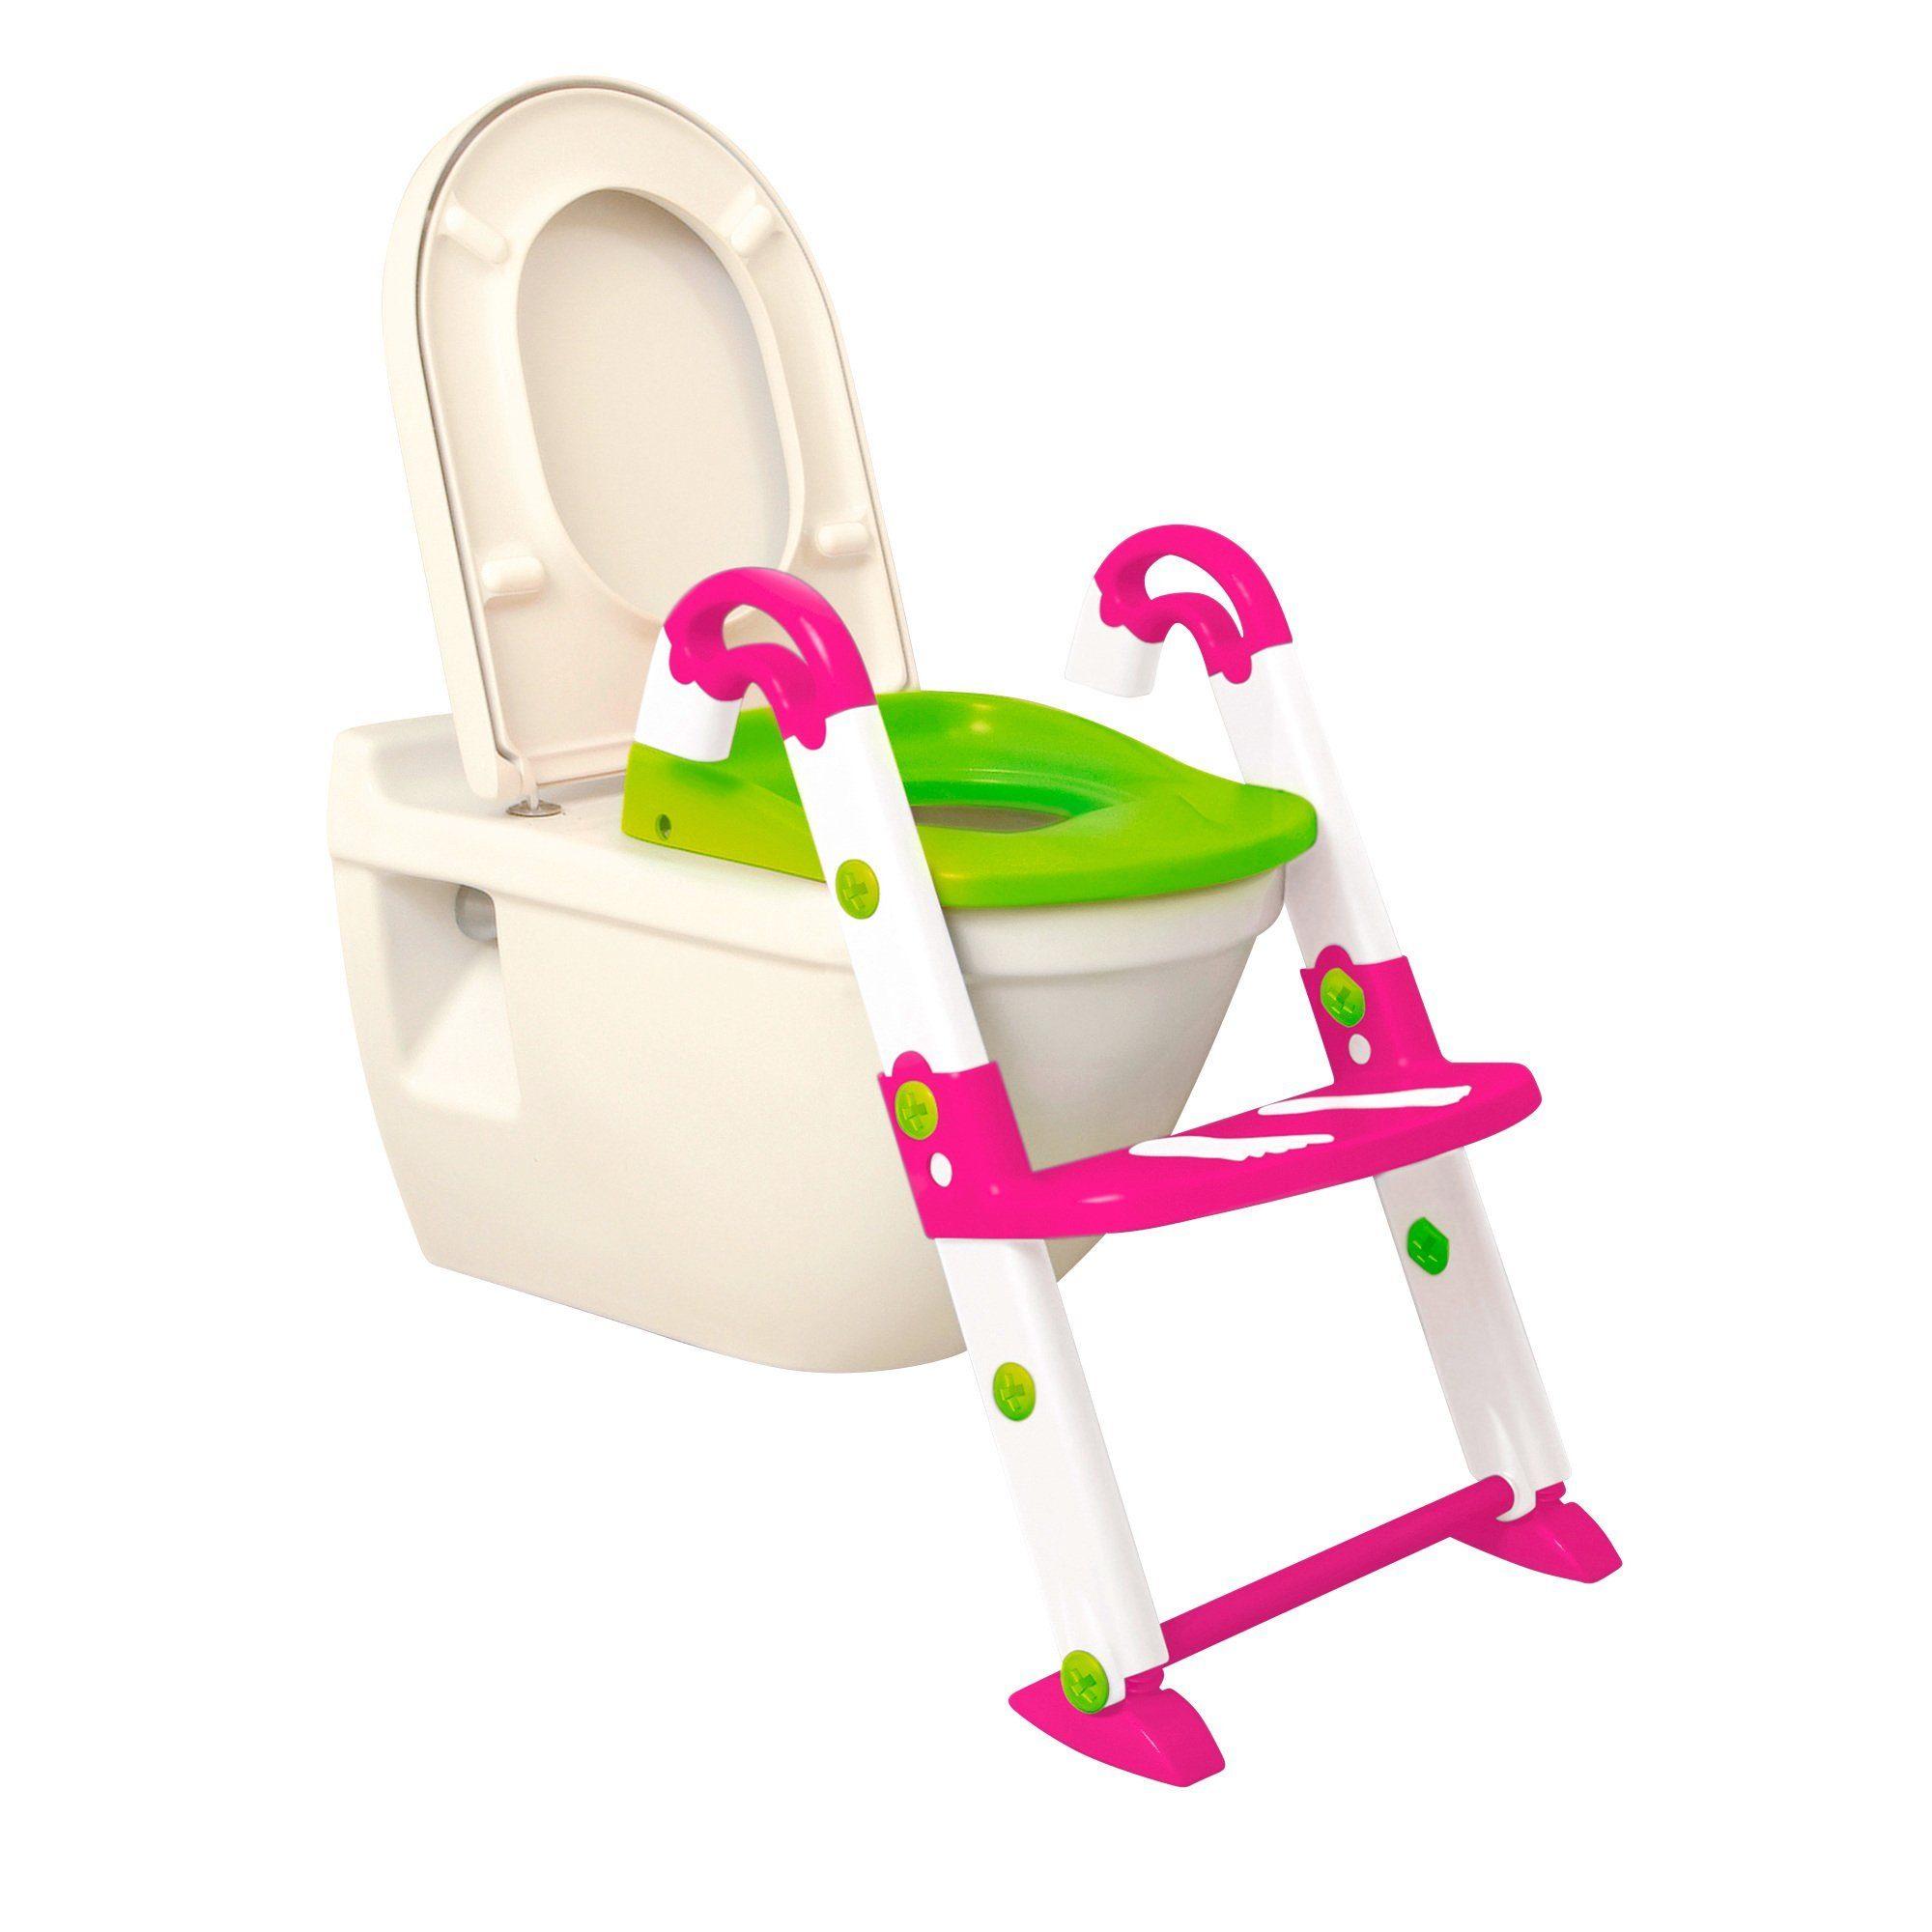 """ROTHO BABYDESIGN Kids Kit Toiletten-Trainer """"3-in-1"""""""